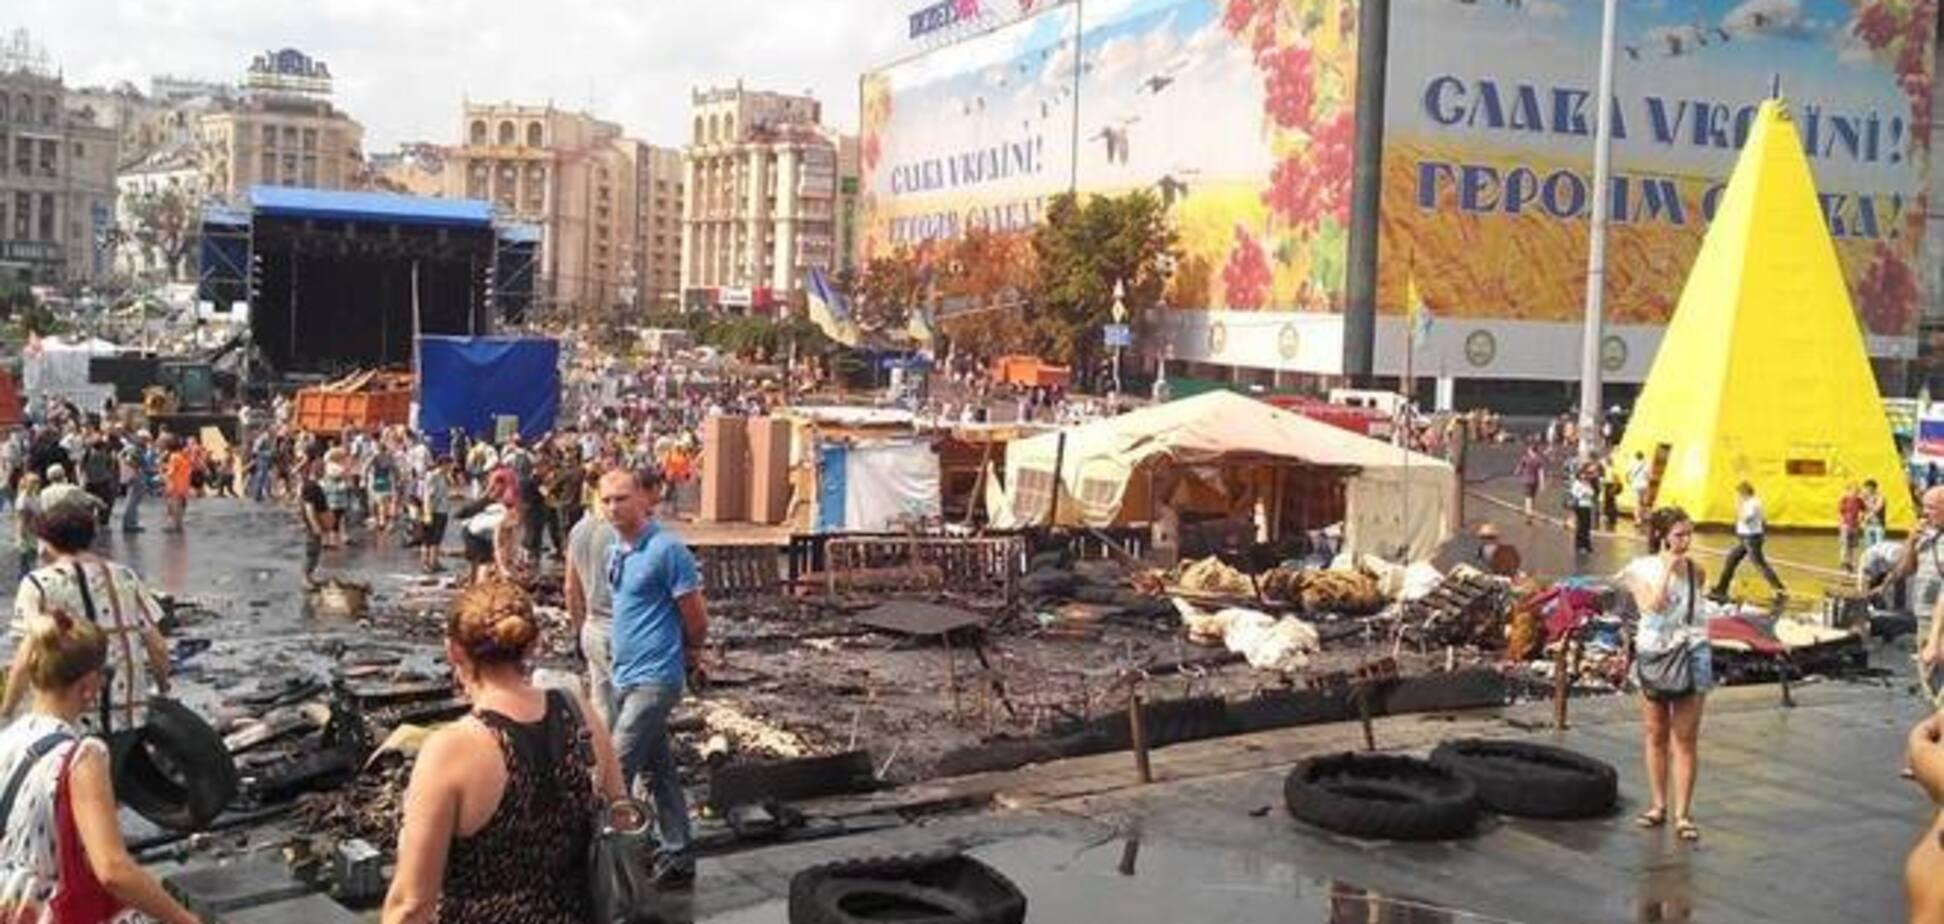 Ермолаев невольно раскрыл партийного покровителя палаточного городка